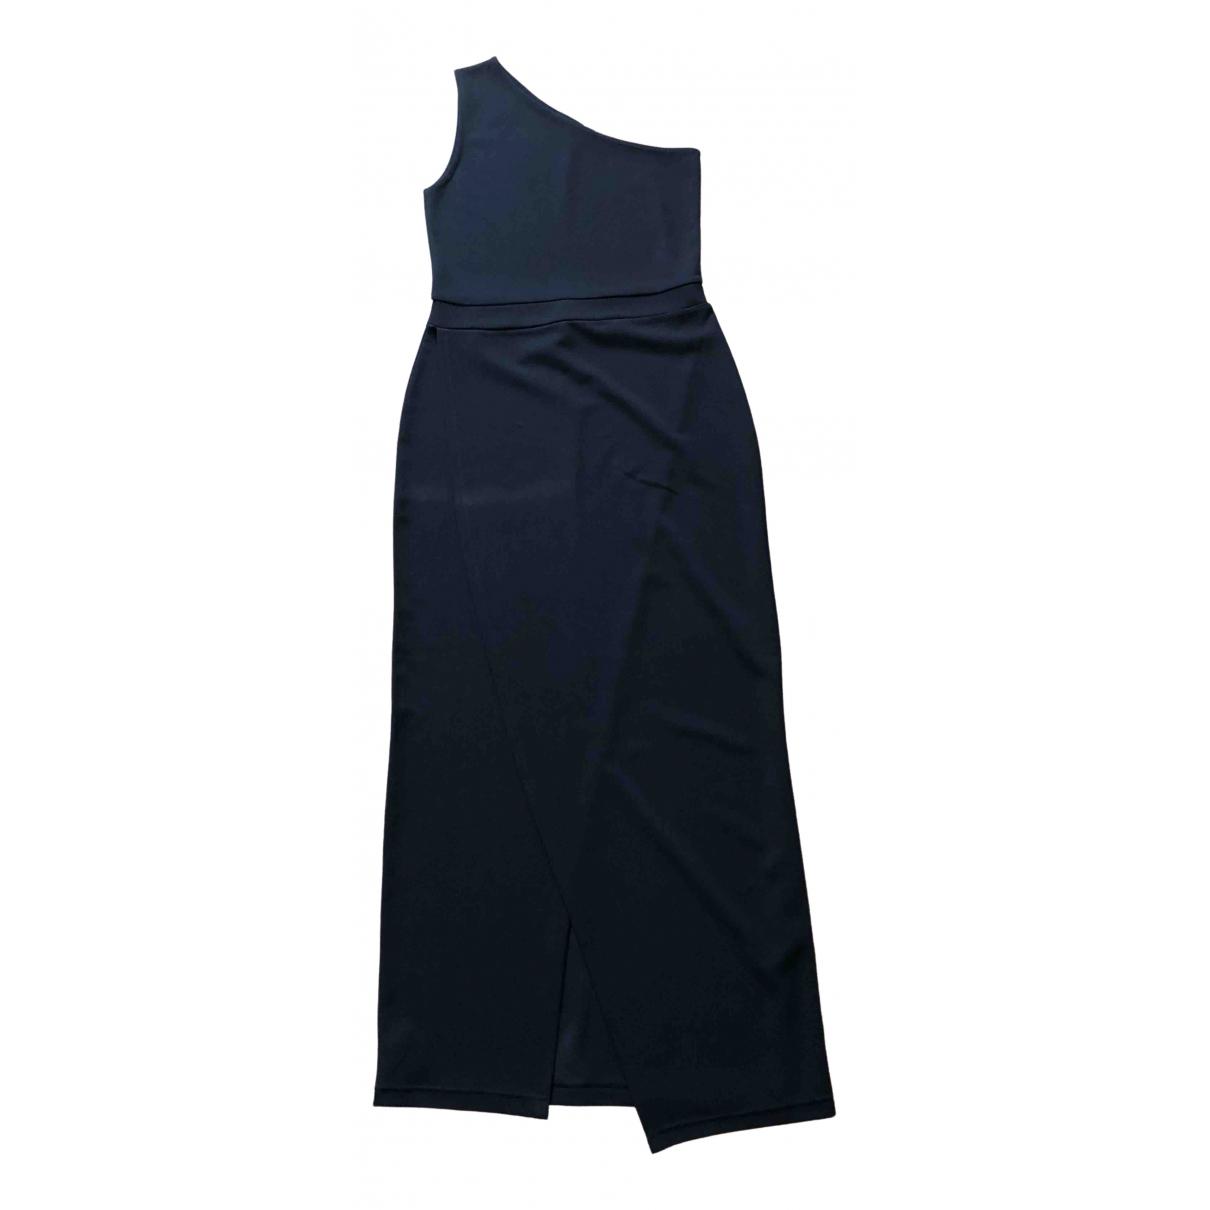 Asos - Robe   pour femme en coton - elasthane - noir